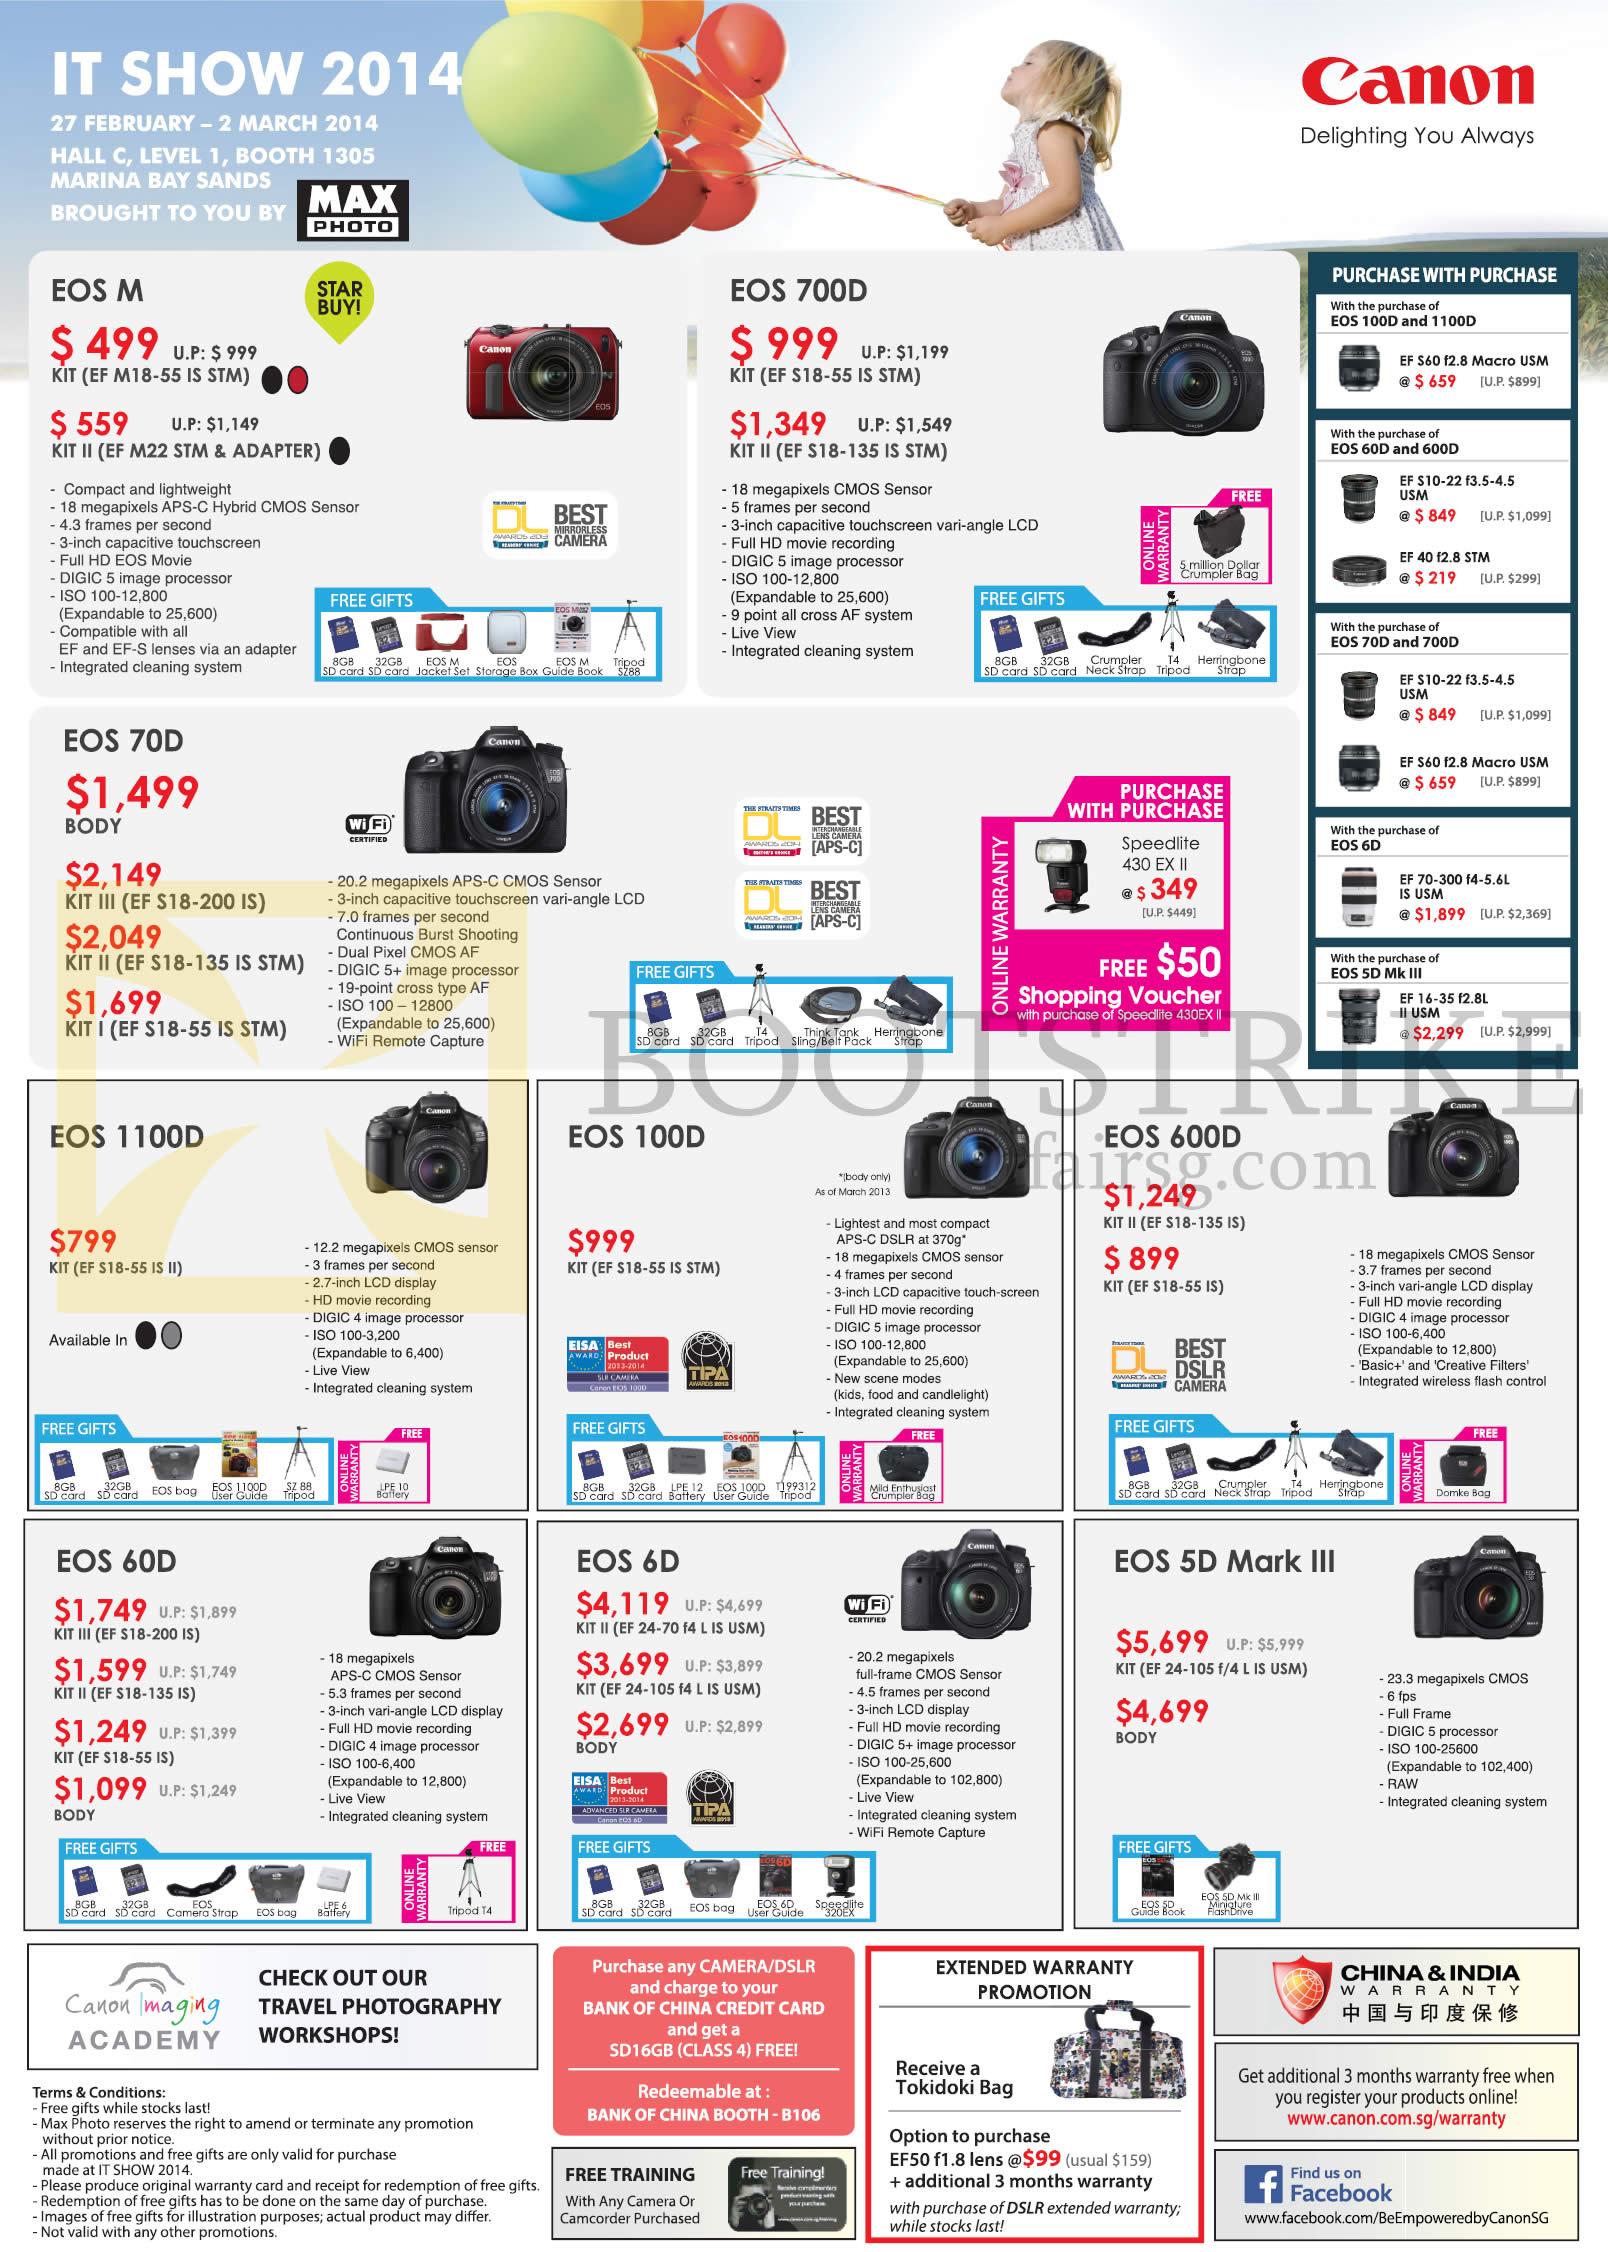 Camera Canon Dslr Camera Models List canon digital imaging promotion camera deal in town dslr cameras eos m 700d 70d 1100d 100d 600d 60d 6d 5d mark iii